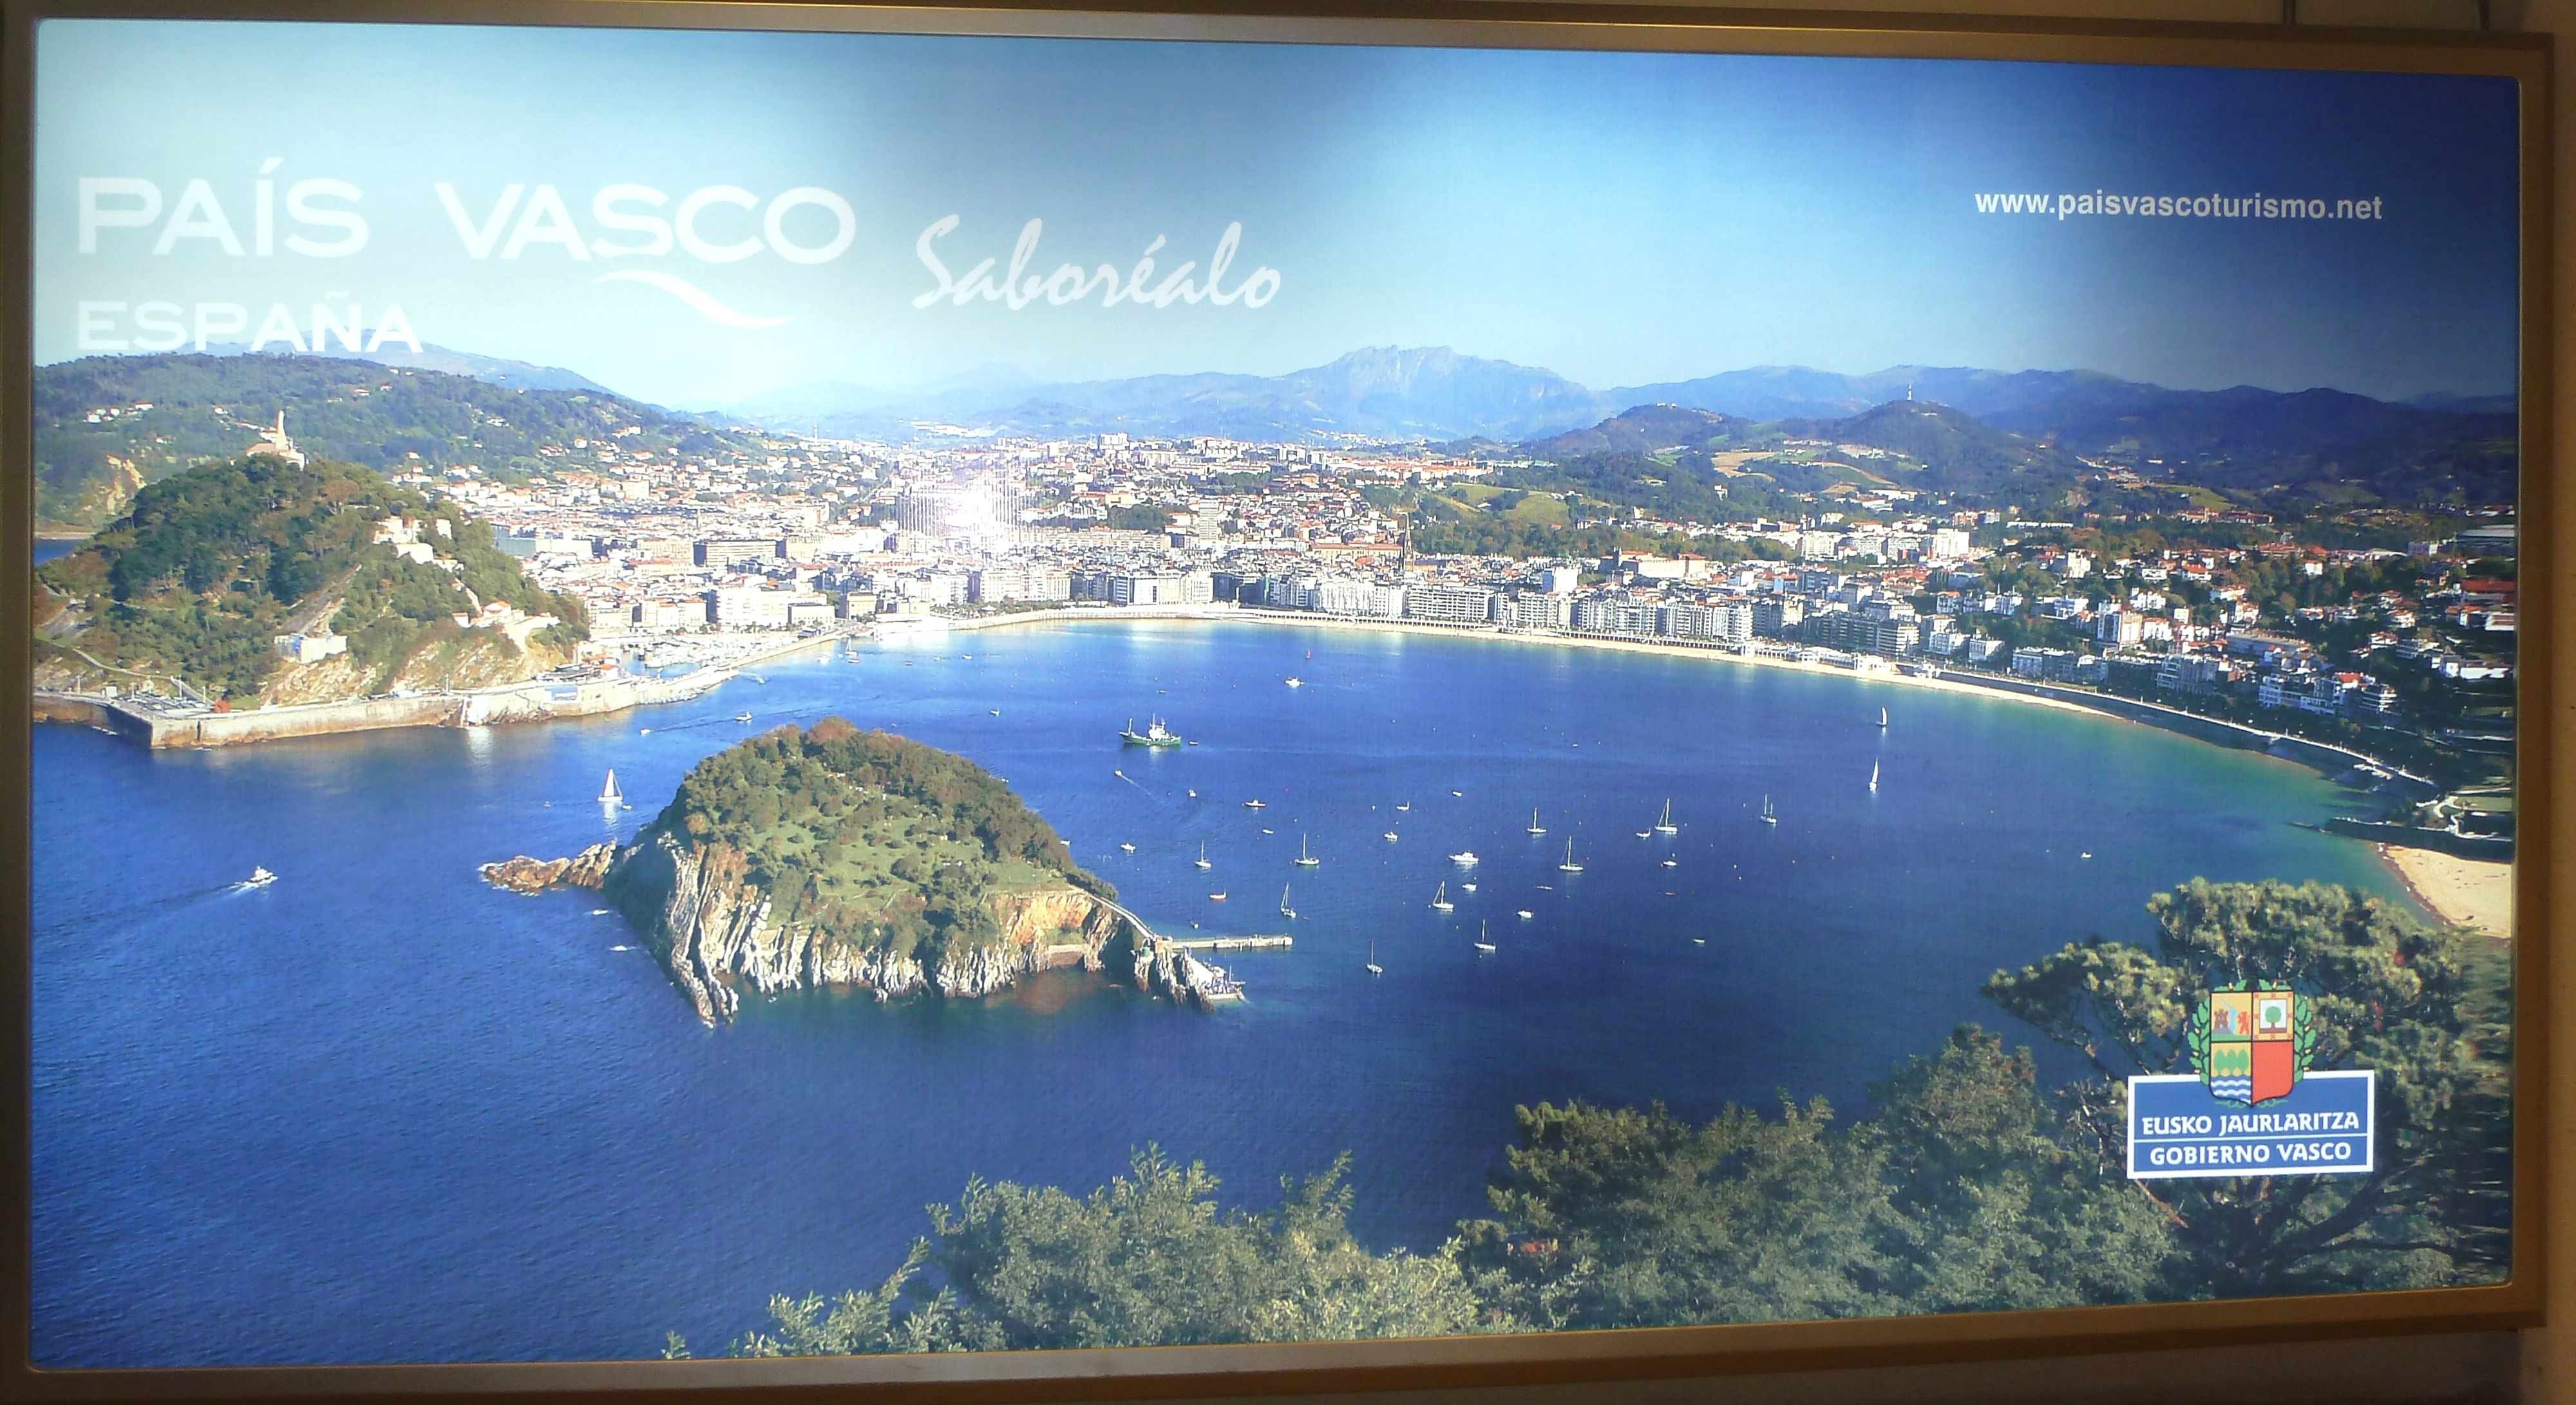 Promoción de Euskadi Saboréala en los buques entre Argentina y Uruguay. [2:02]